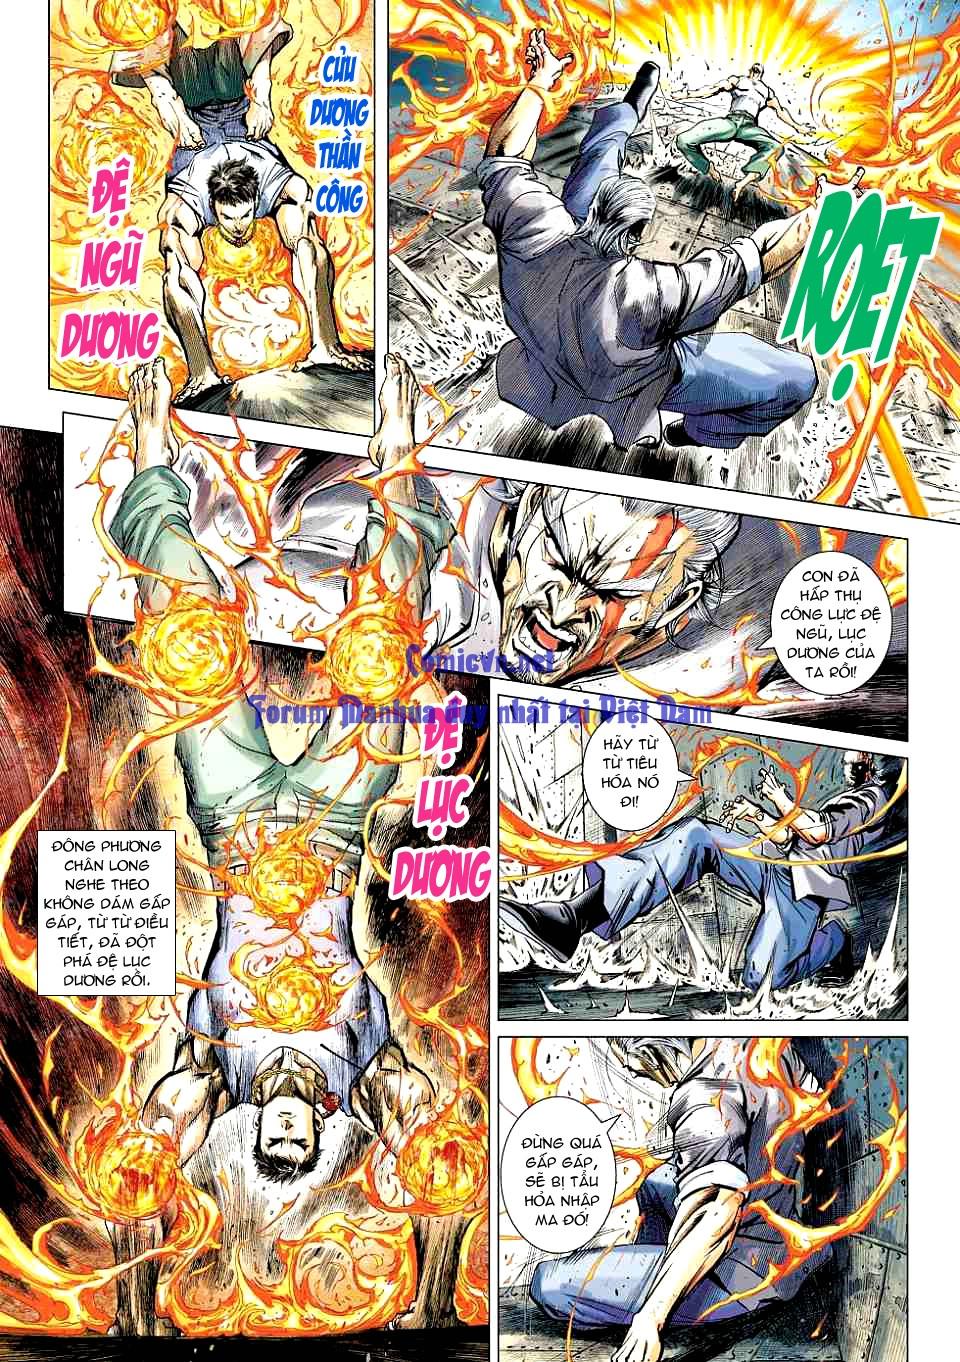 Vương Phong Lôi 1 chap 12 - Trang 5